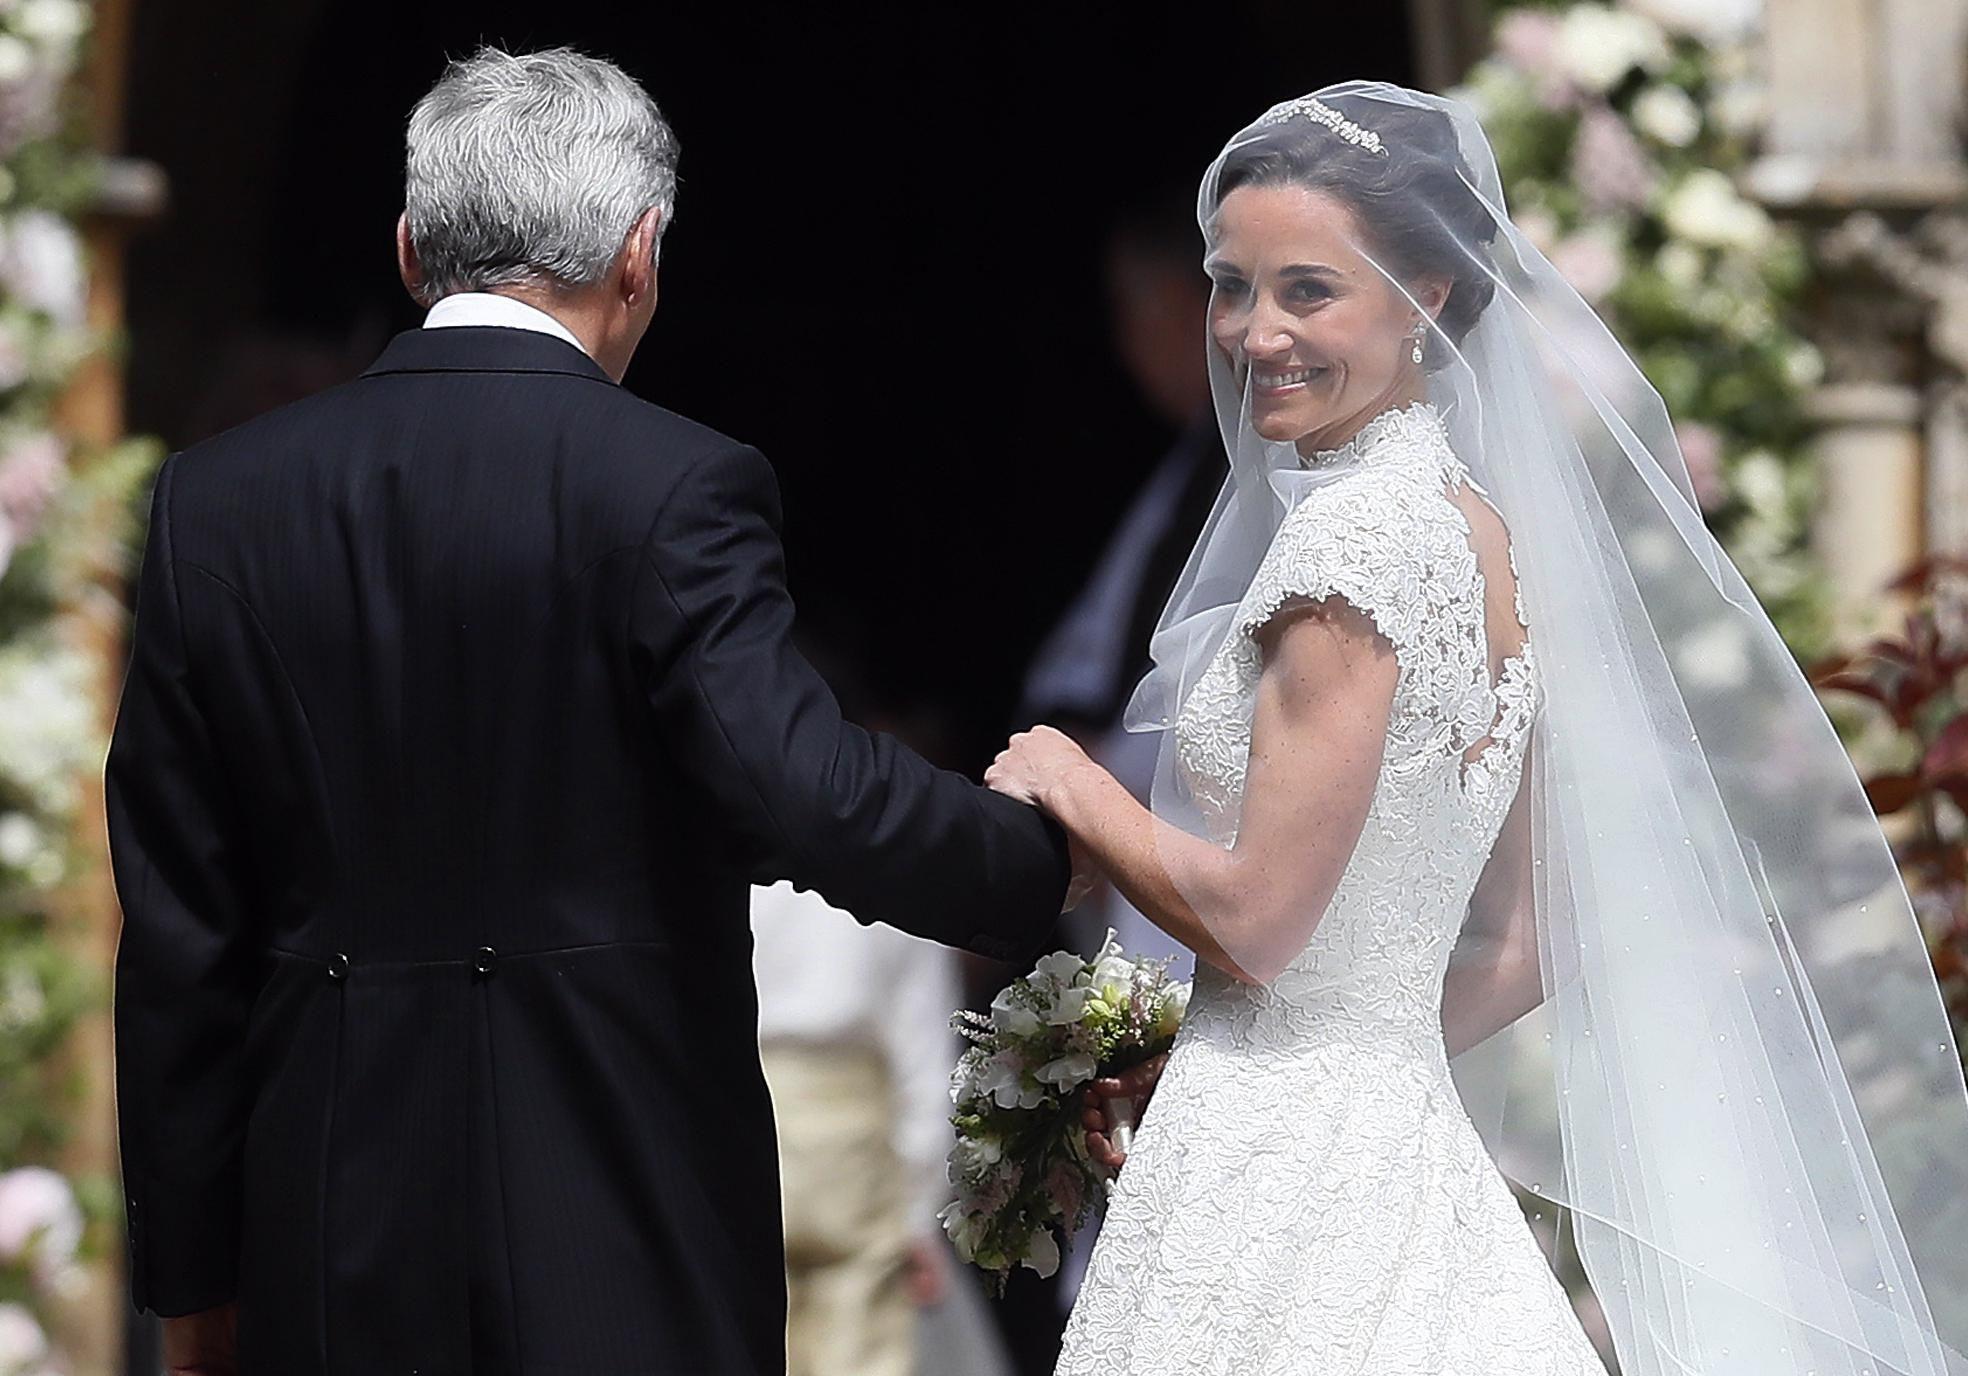 Mariage de pippa middleton george et charlotte harry for Robes de demoiselle d honneur pour le mariage d automne en plein air